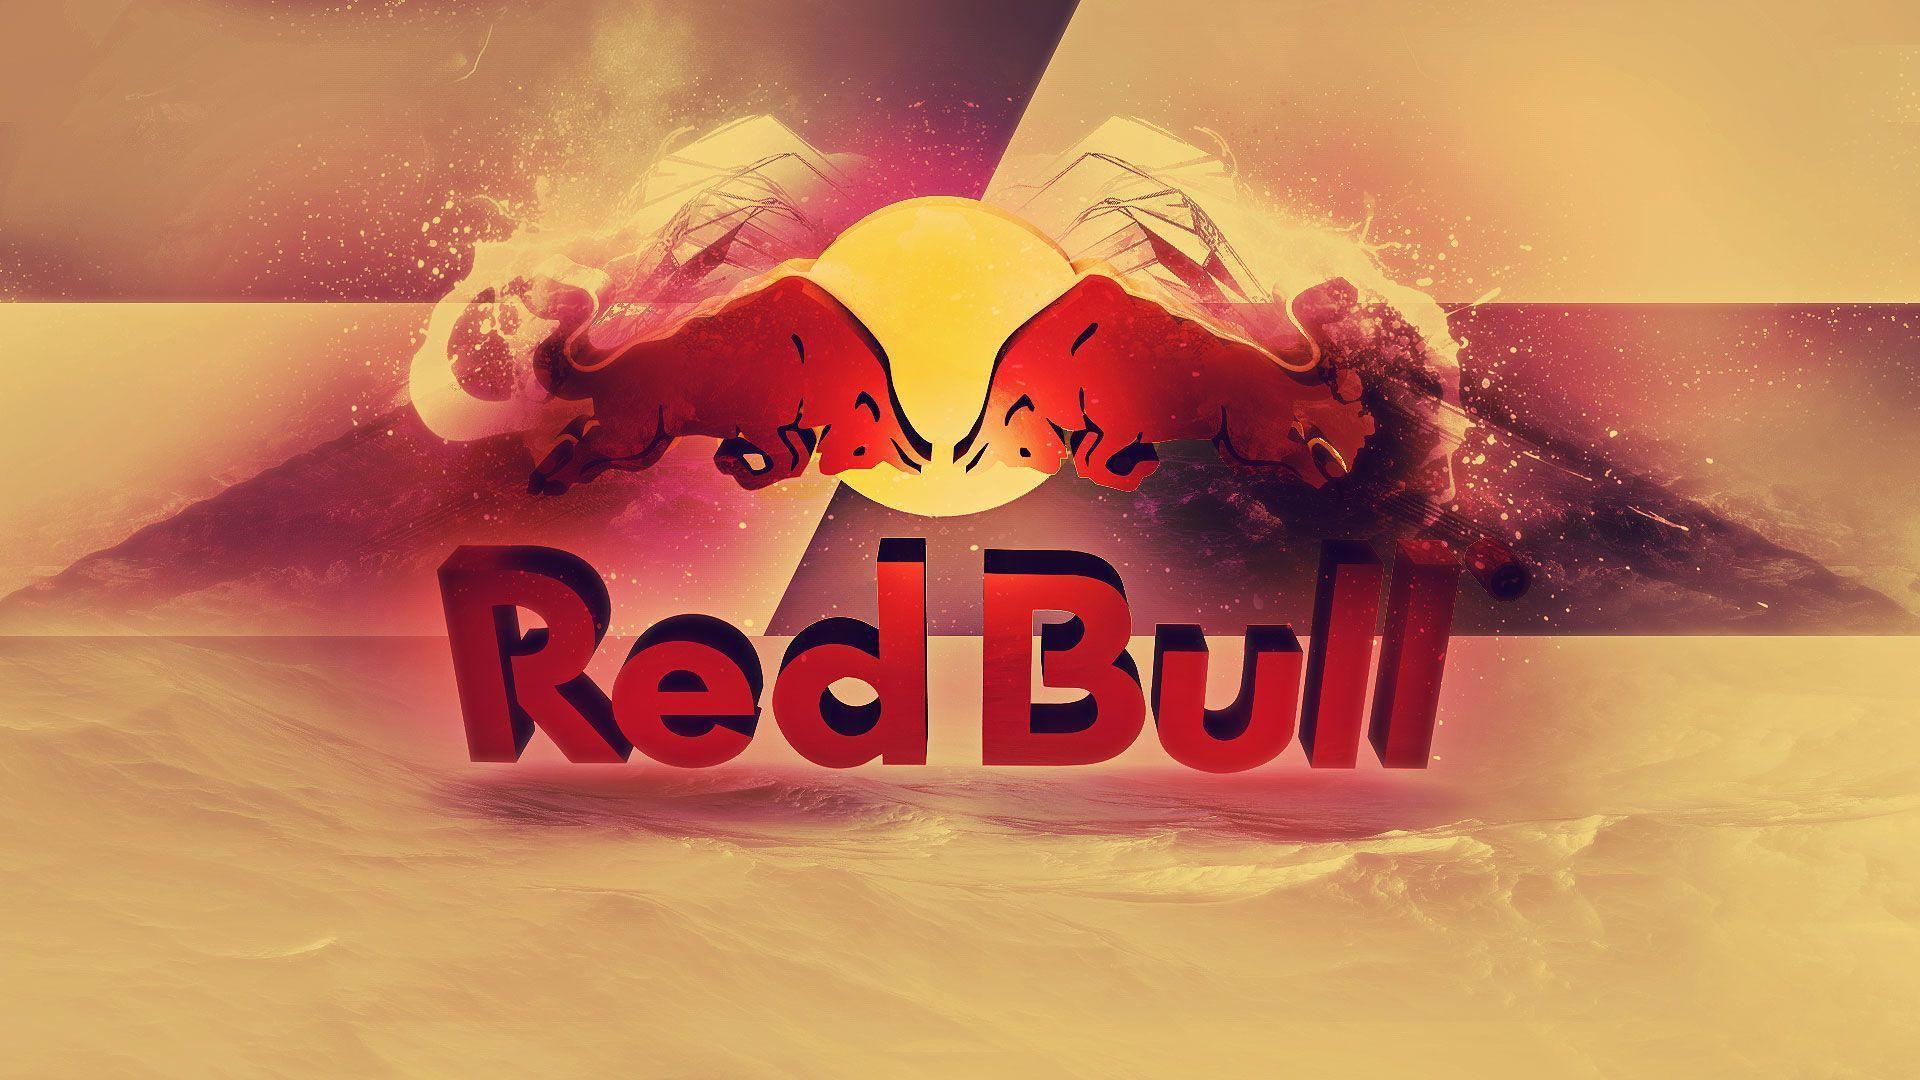 red bull logo wallpaper desktop - photo #16